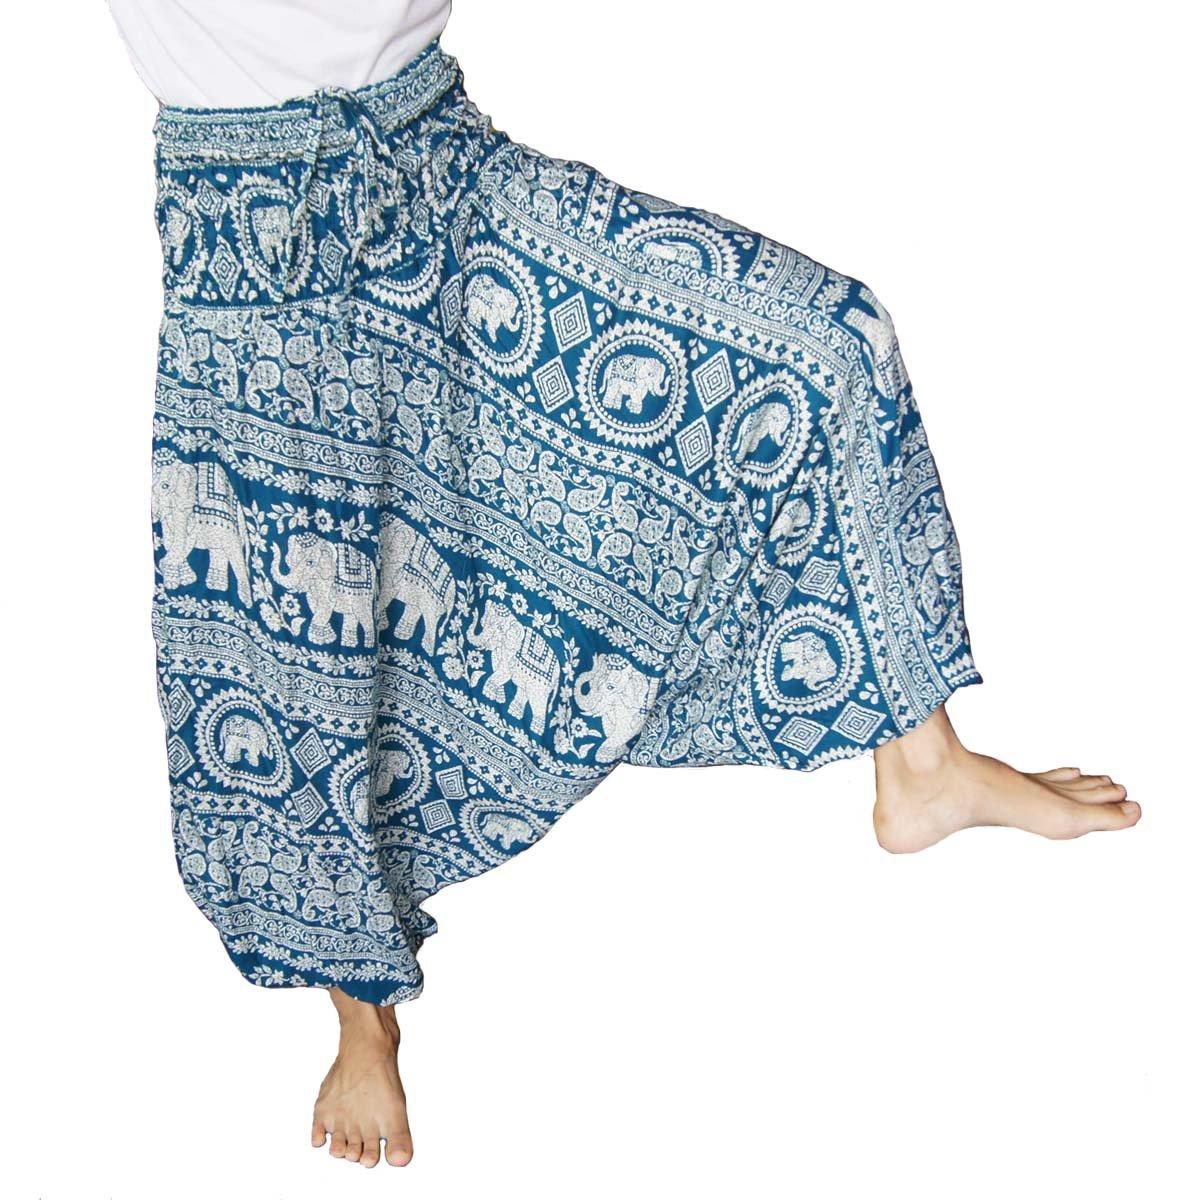 09930e8d4d Harem Genie Yoga Pants Aladdin Hippie Baggy Jumpsuit